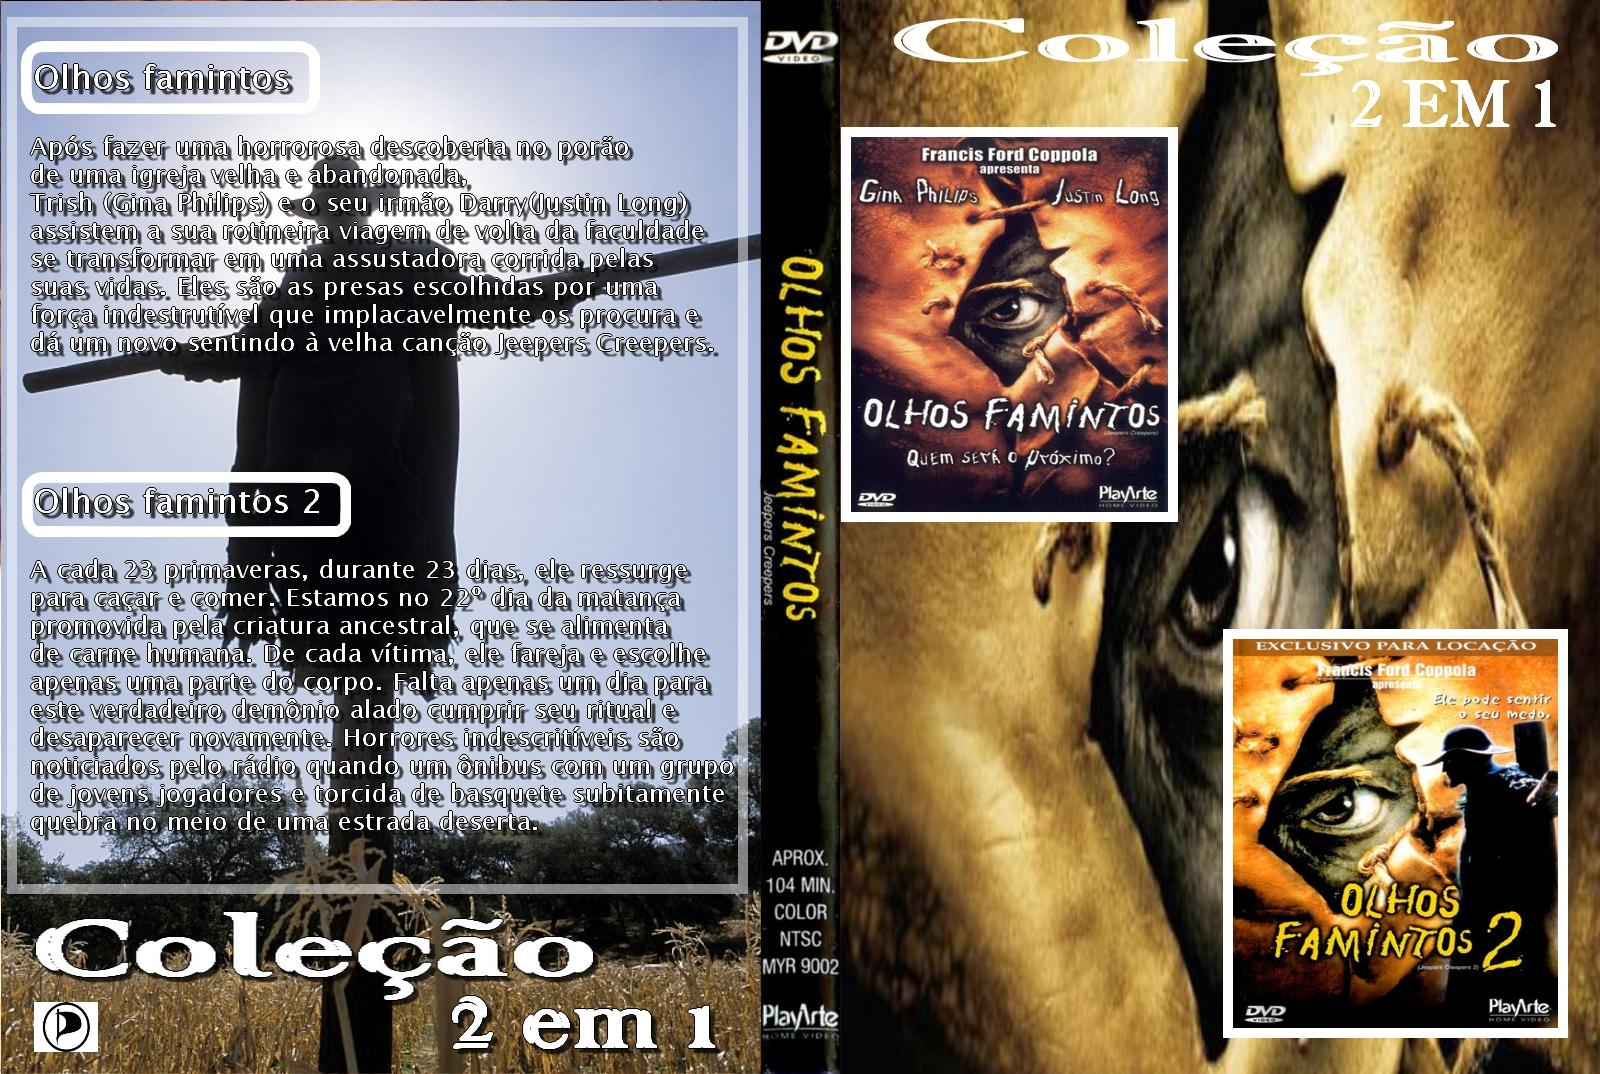 Olhos Famintos 1 e 2 DVDRip X264 Dublado OLHOS FAMINTOS 2 em 11